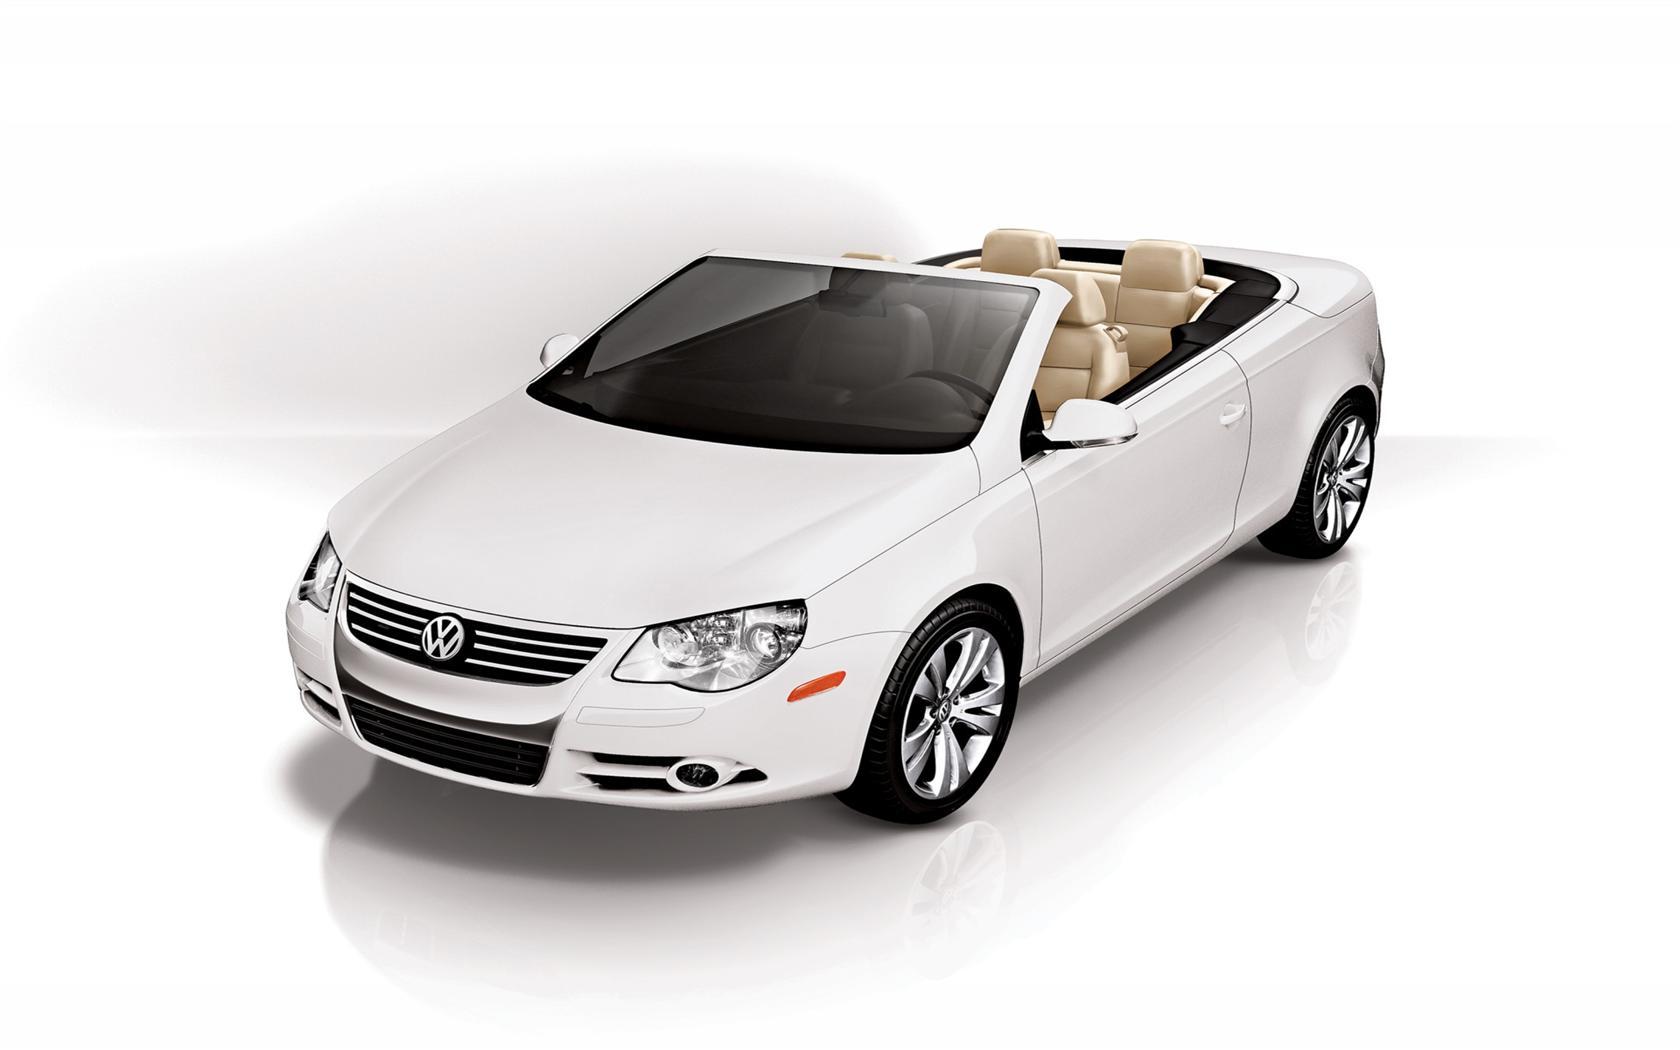 2010 Volkswagen Eos Image 20